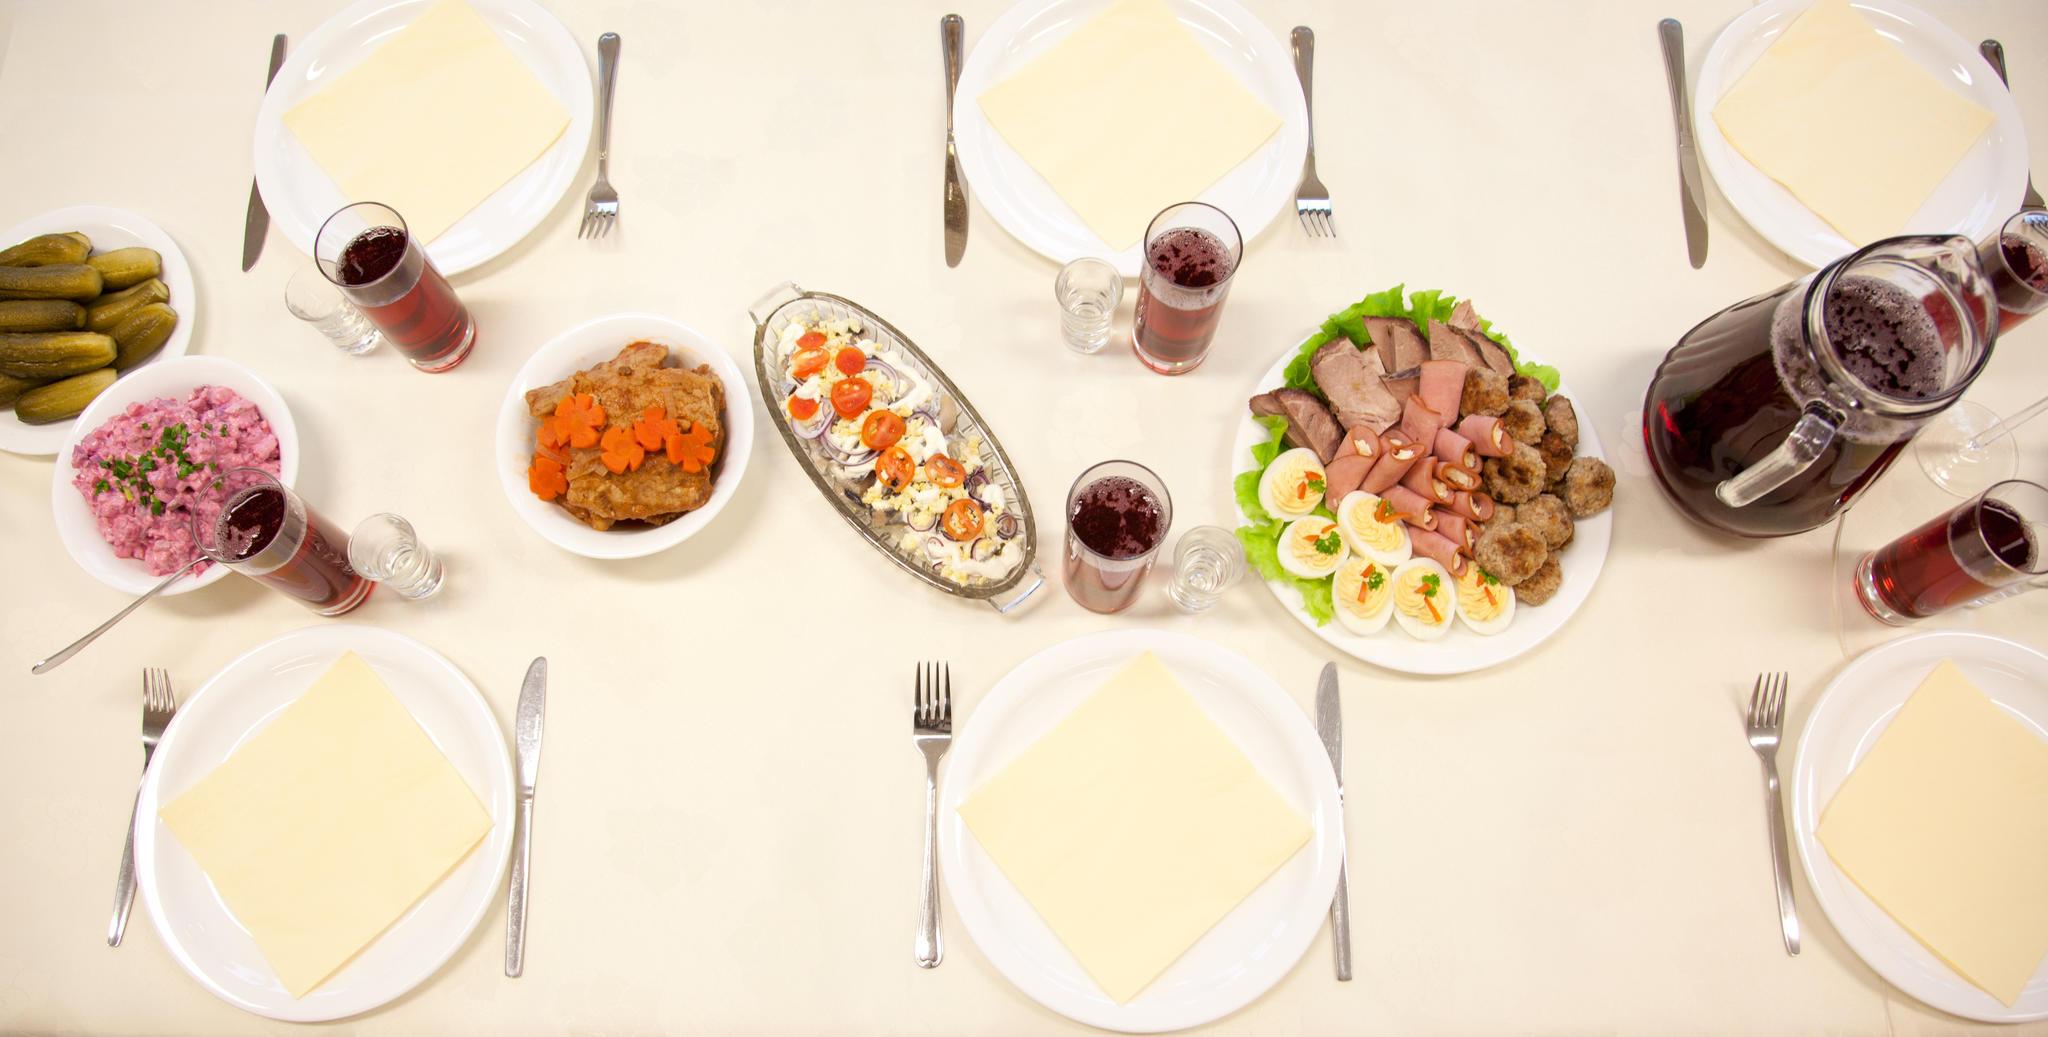 toitlustus prep ideid kaal vanish fat burner arvustused